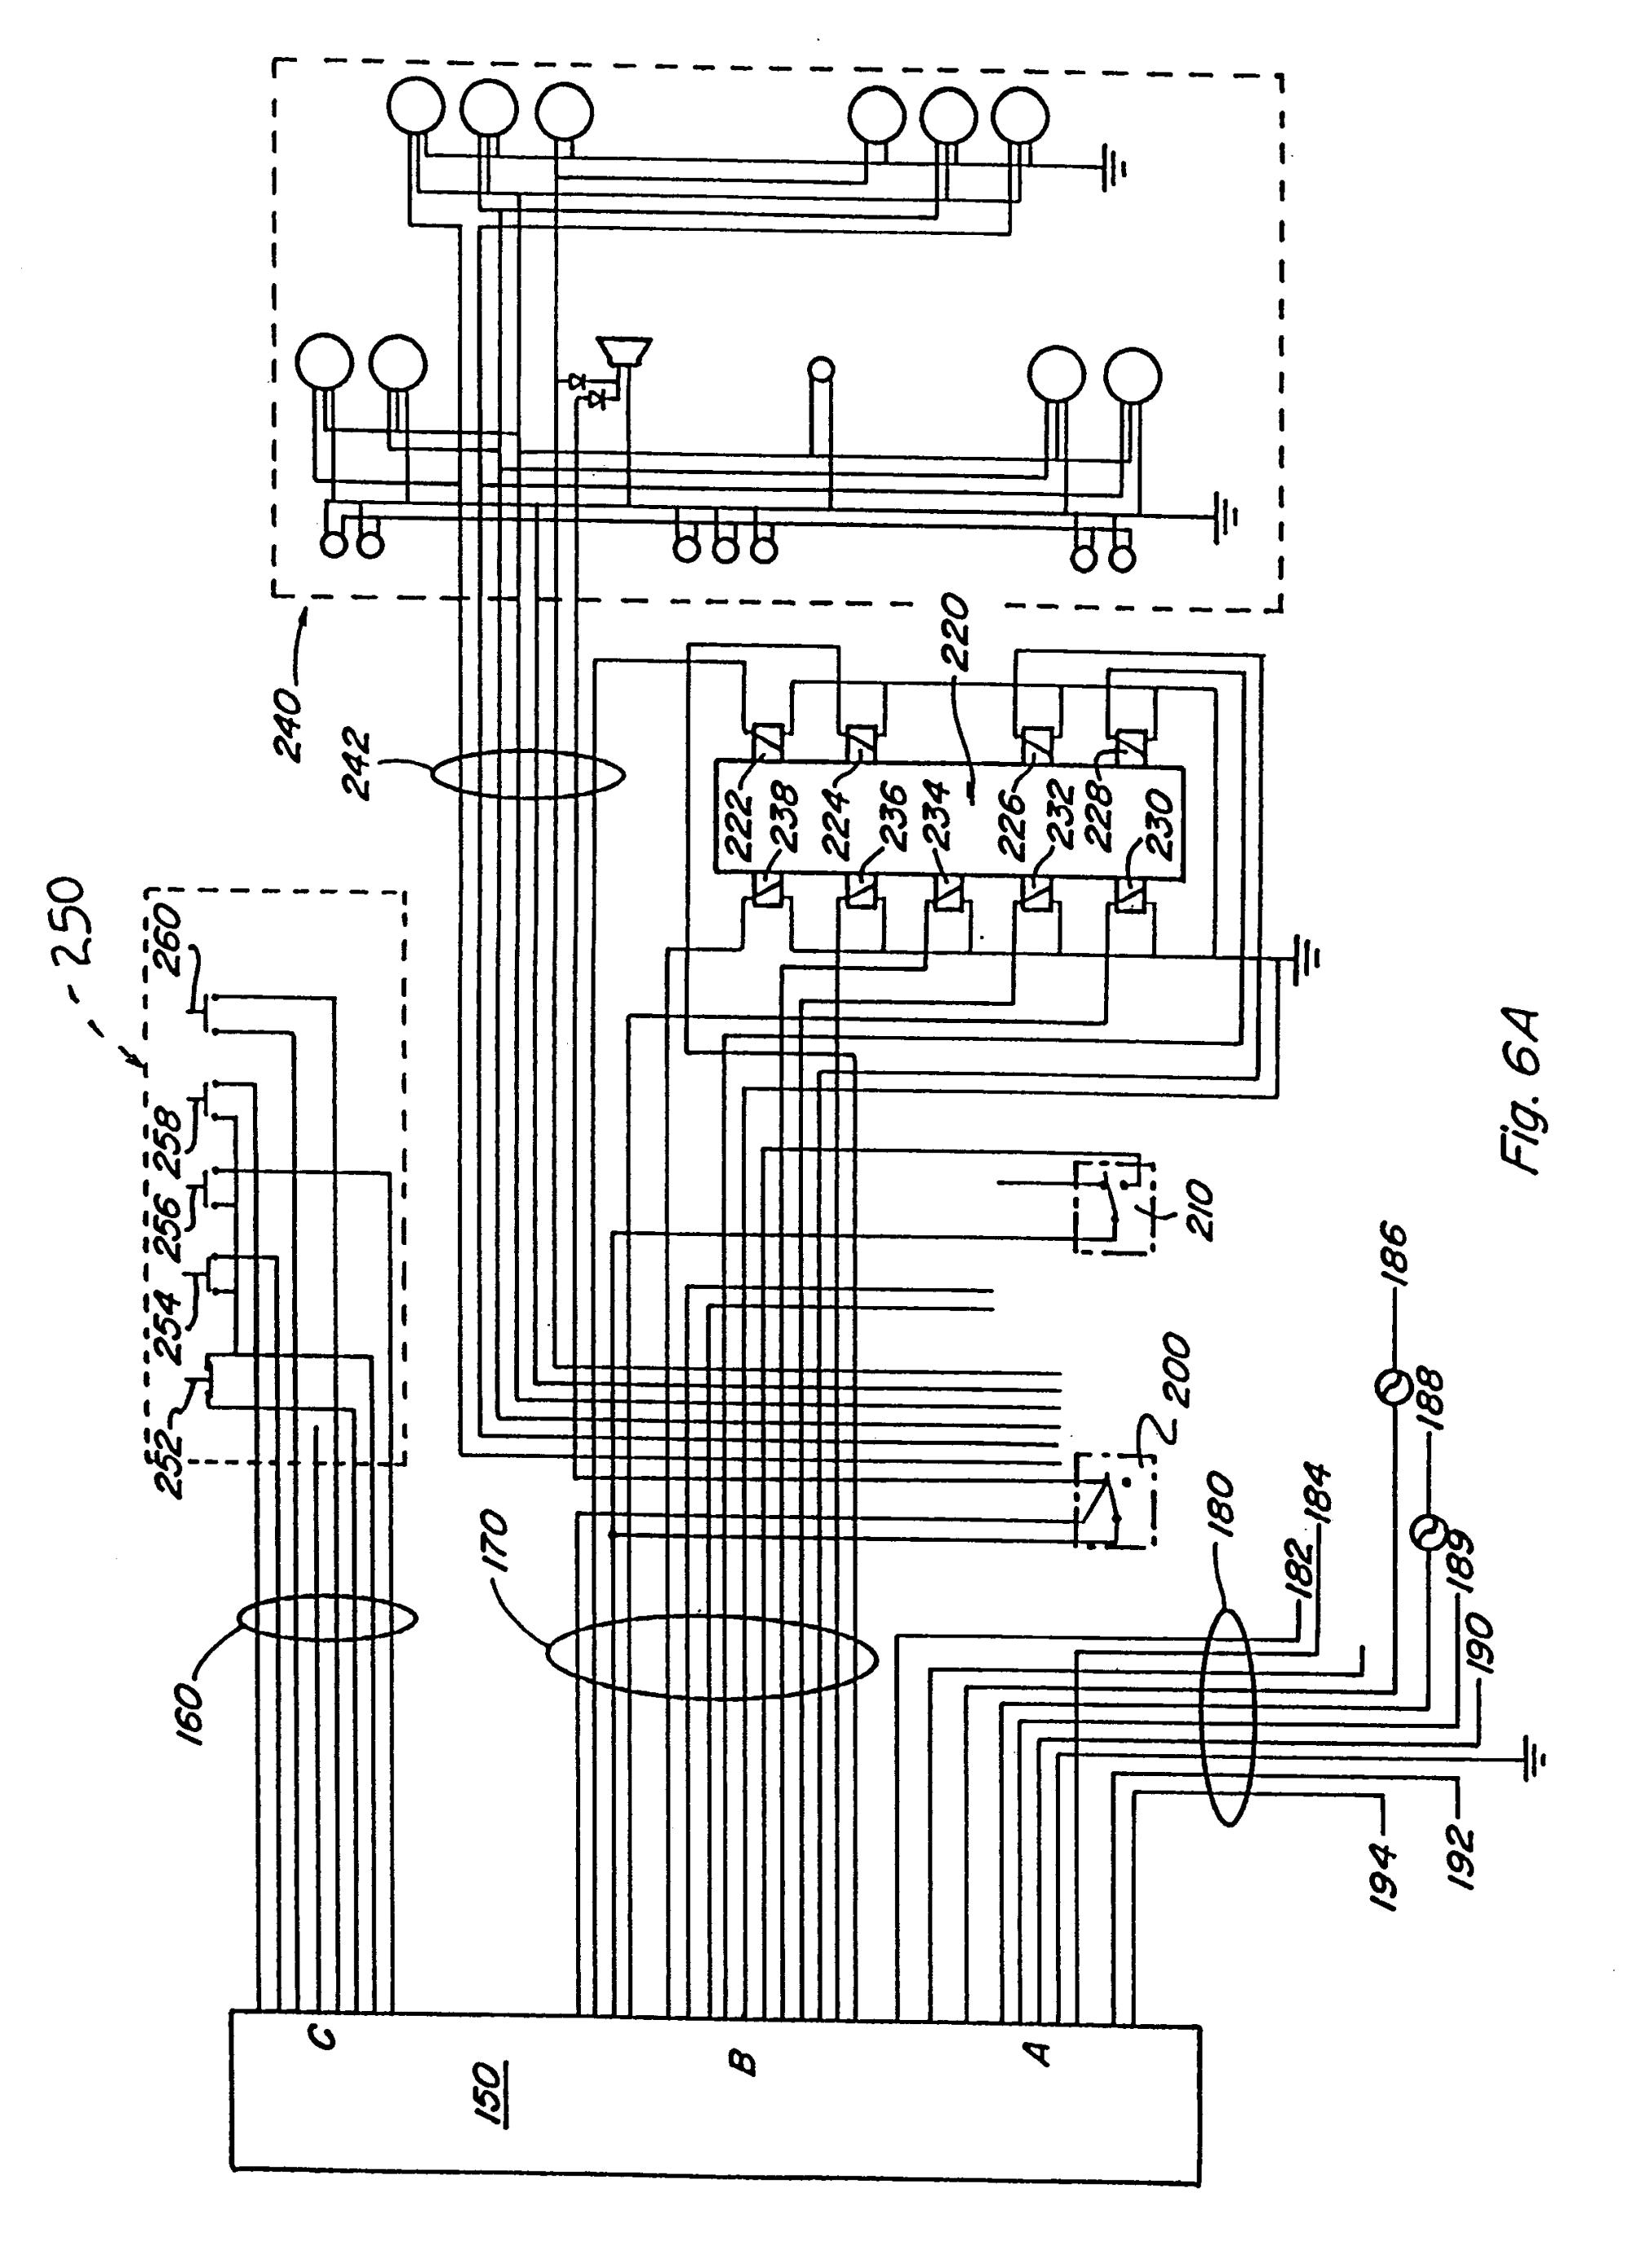 hight resolution of mcneilus wiring schematic rear packer home wiring diagram mcneilus wiring schematic